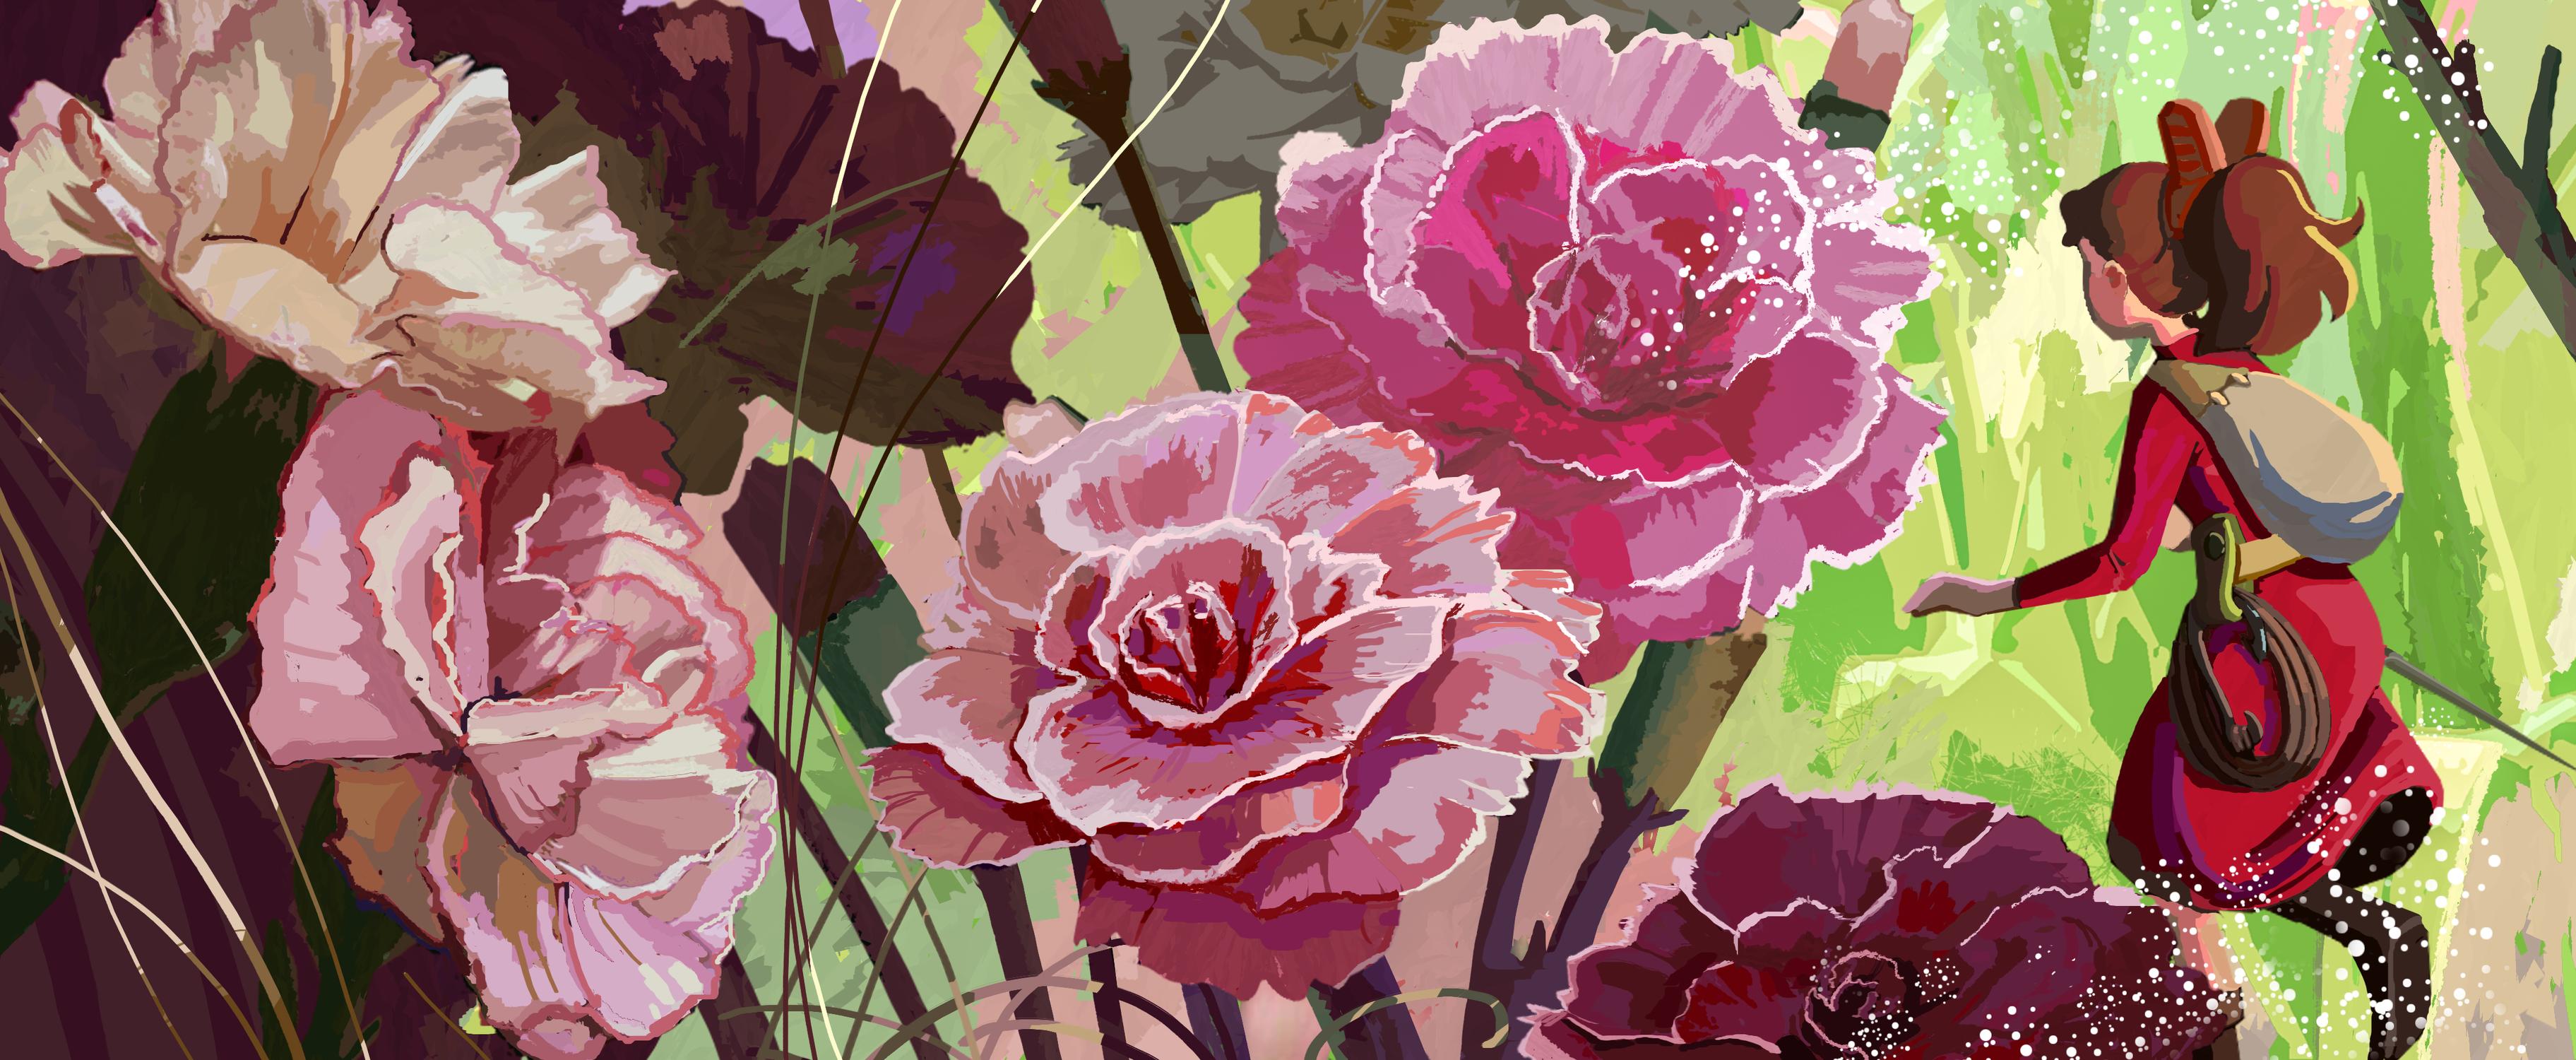 Flower Field Artwork by Qianjiao Ma